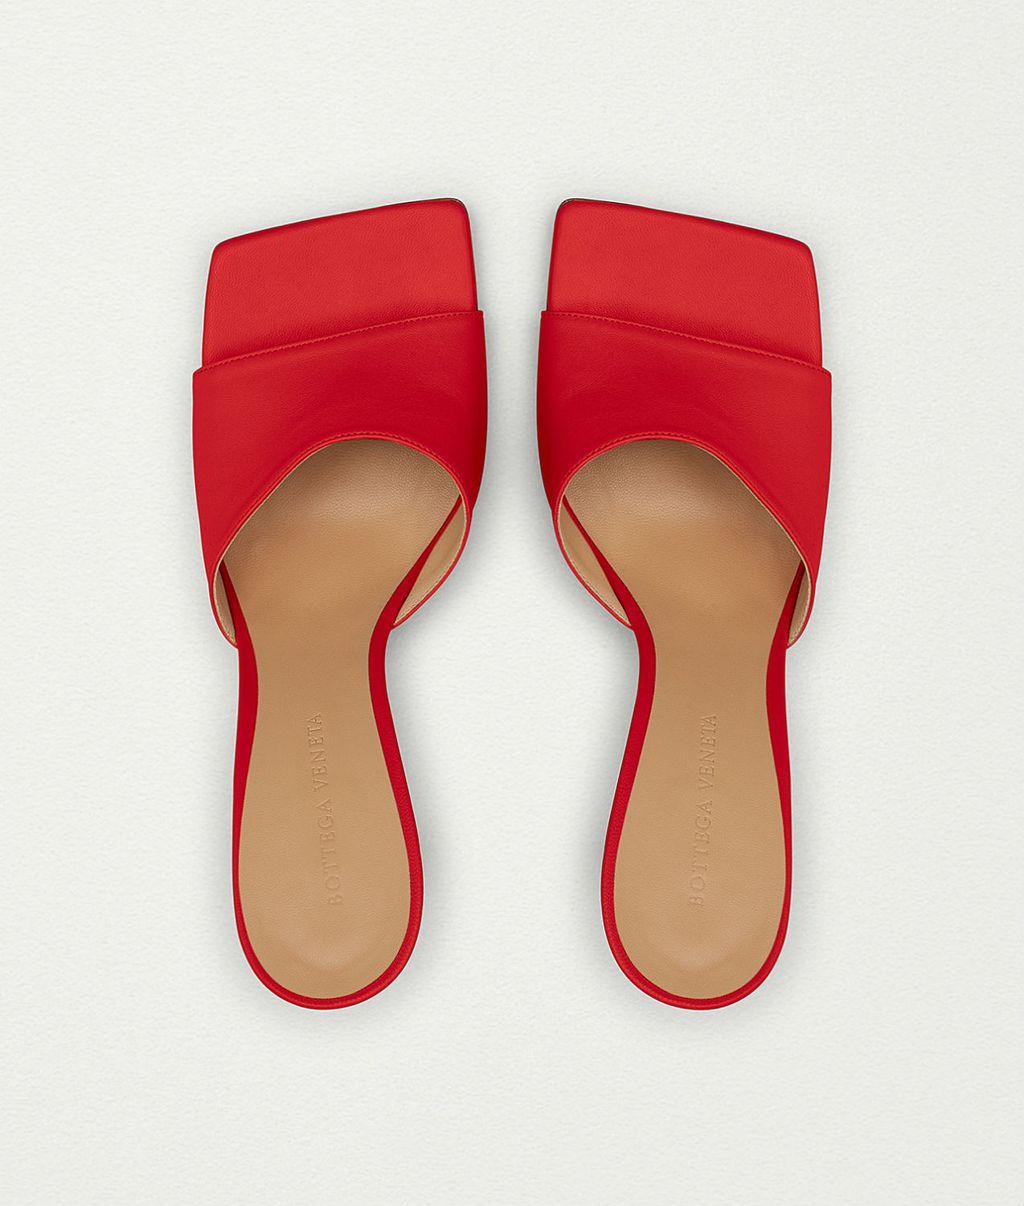 Sandale četvrtastog oblika Bottega Veneta - 7